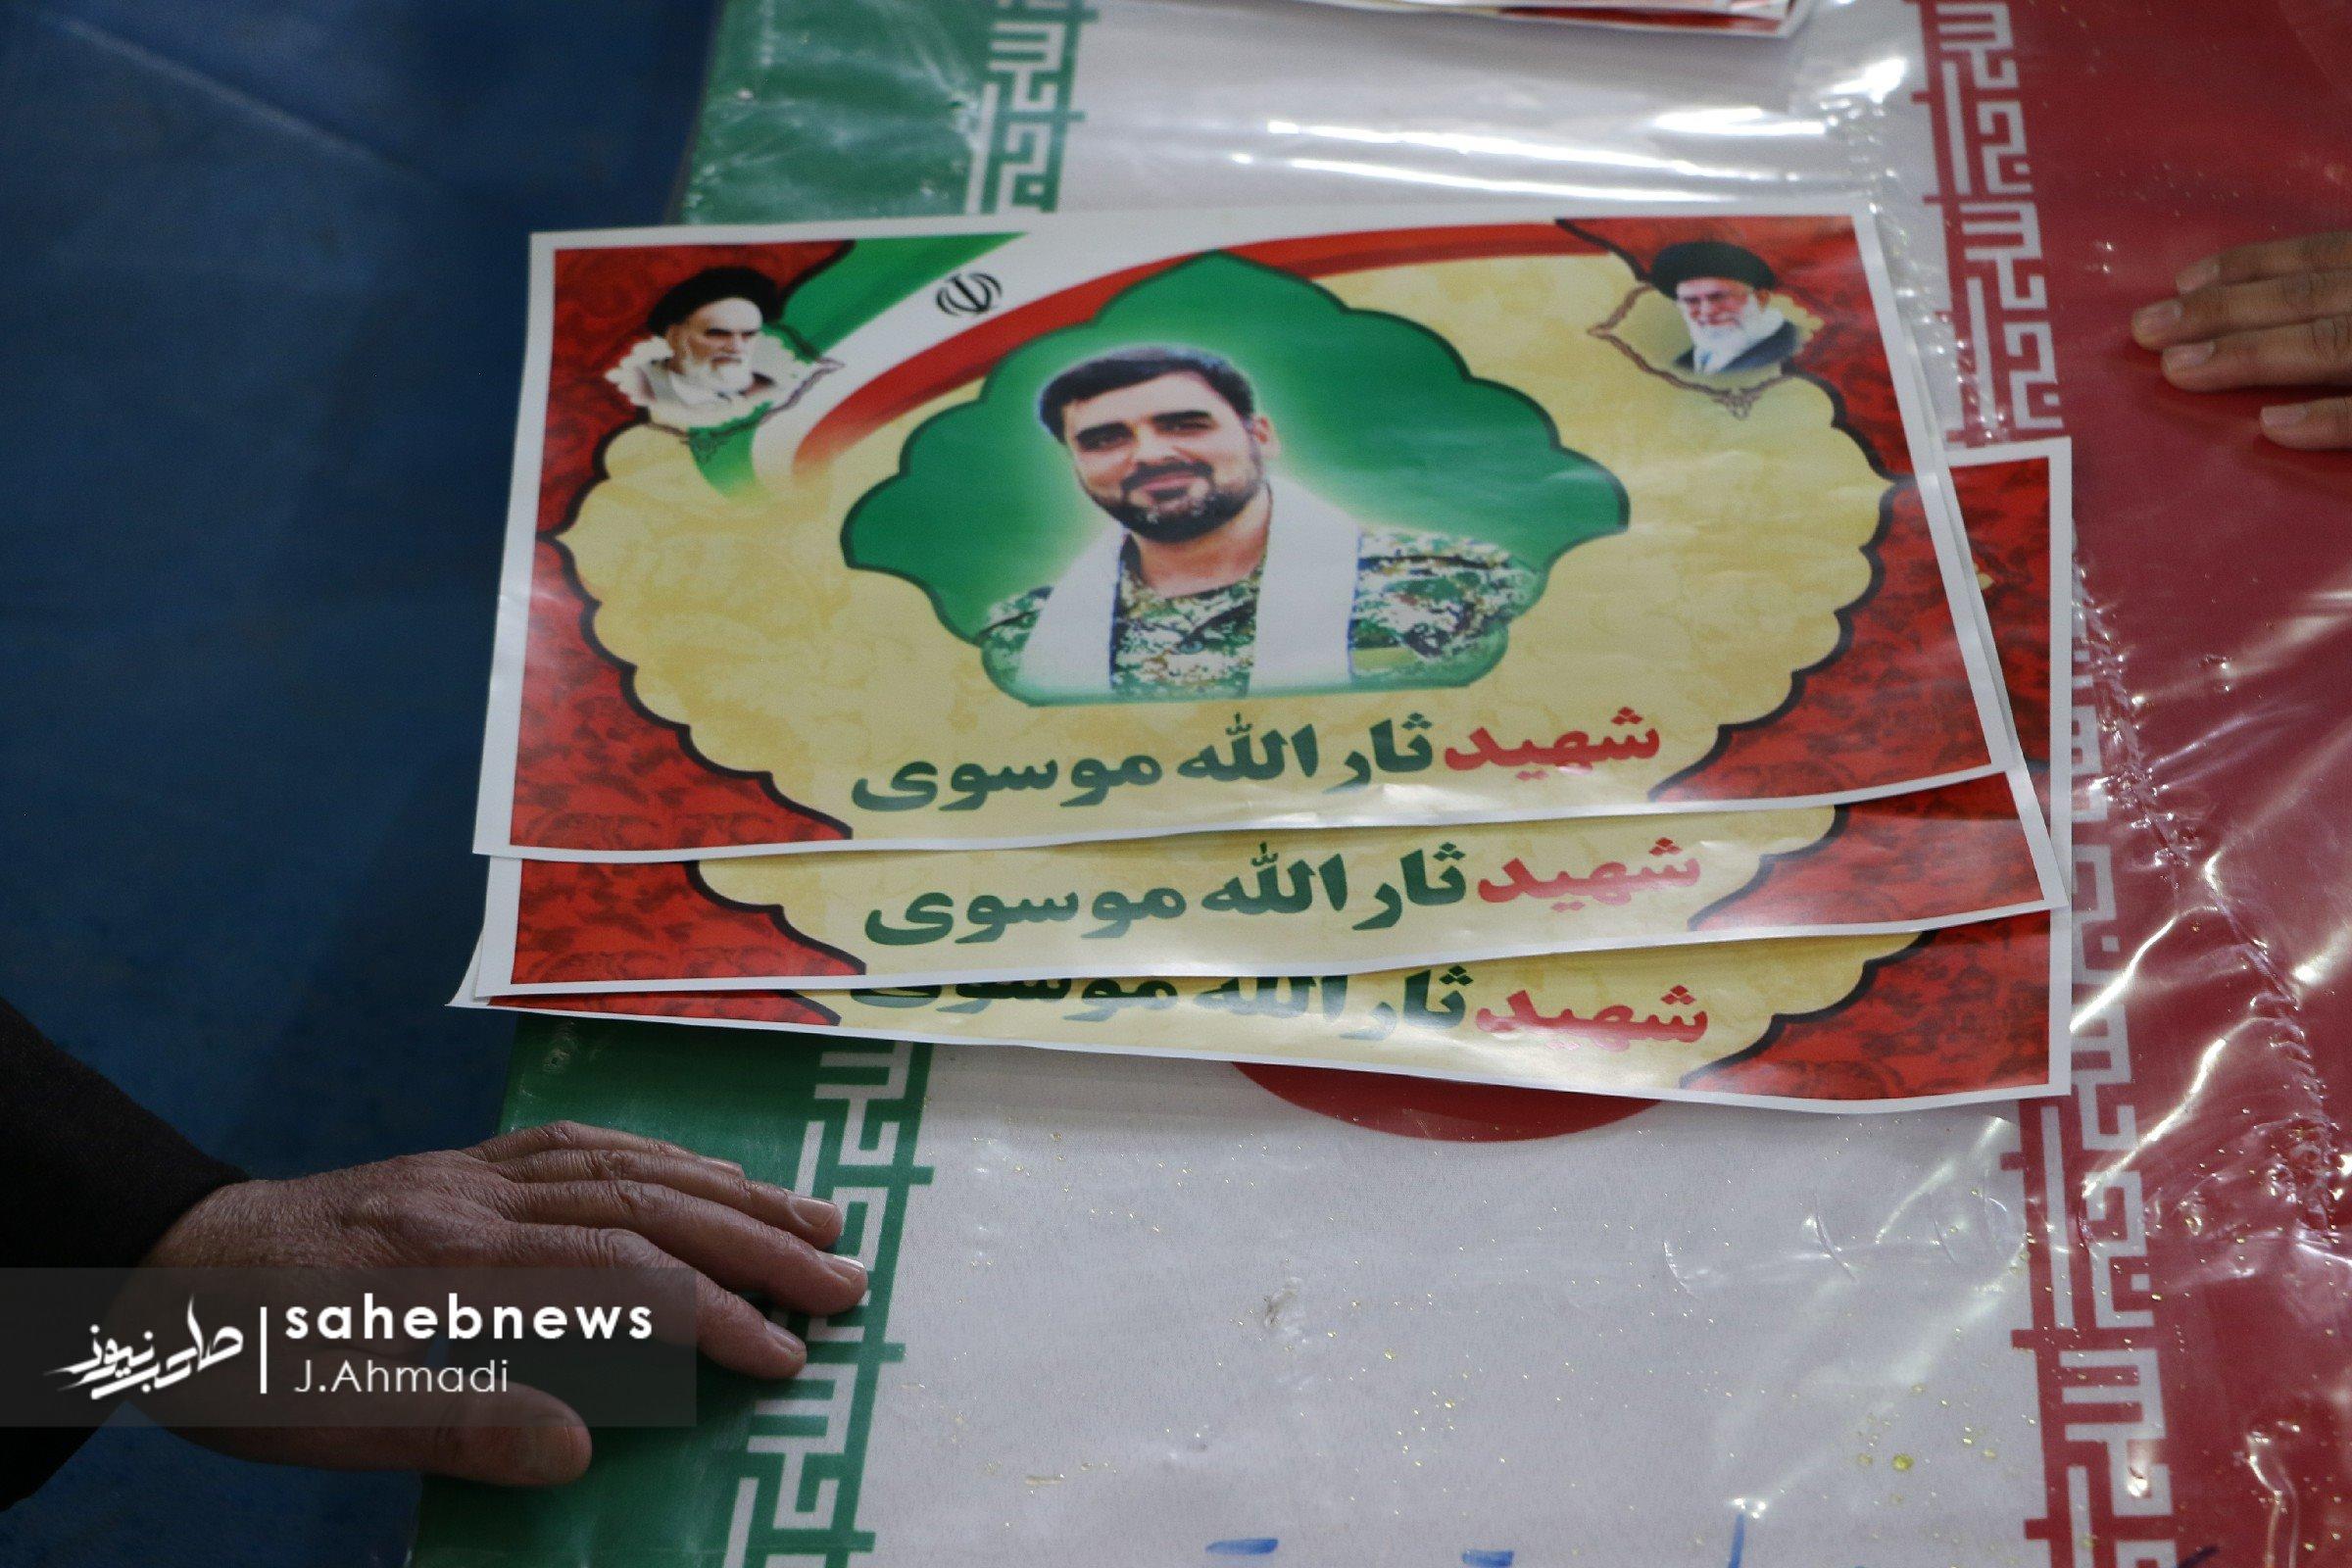 27 شهید حادثه تروریستی اصفهان (6)